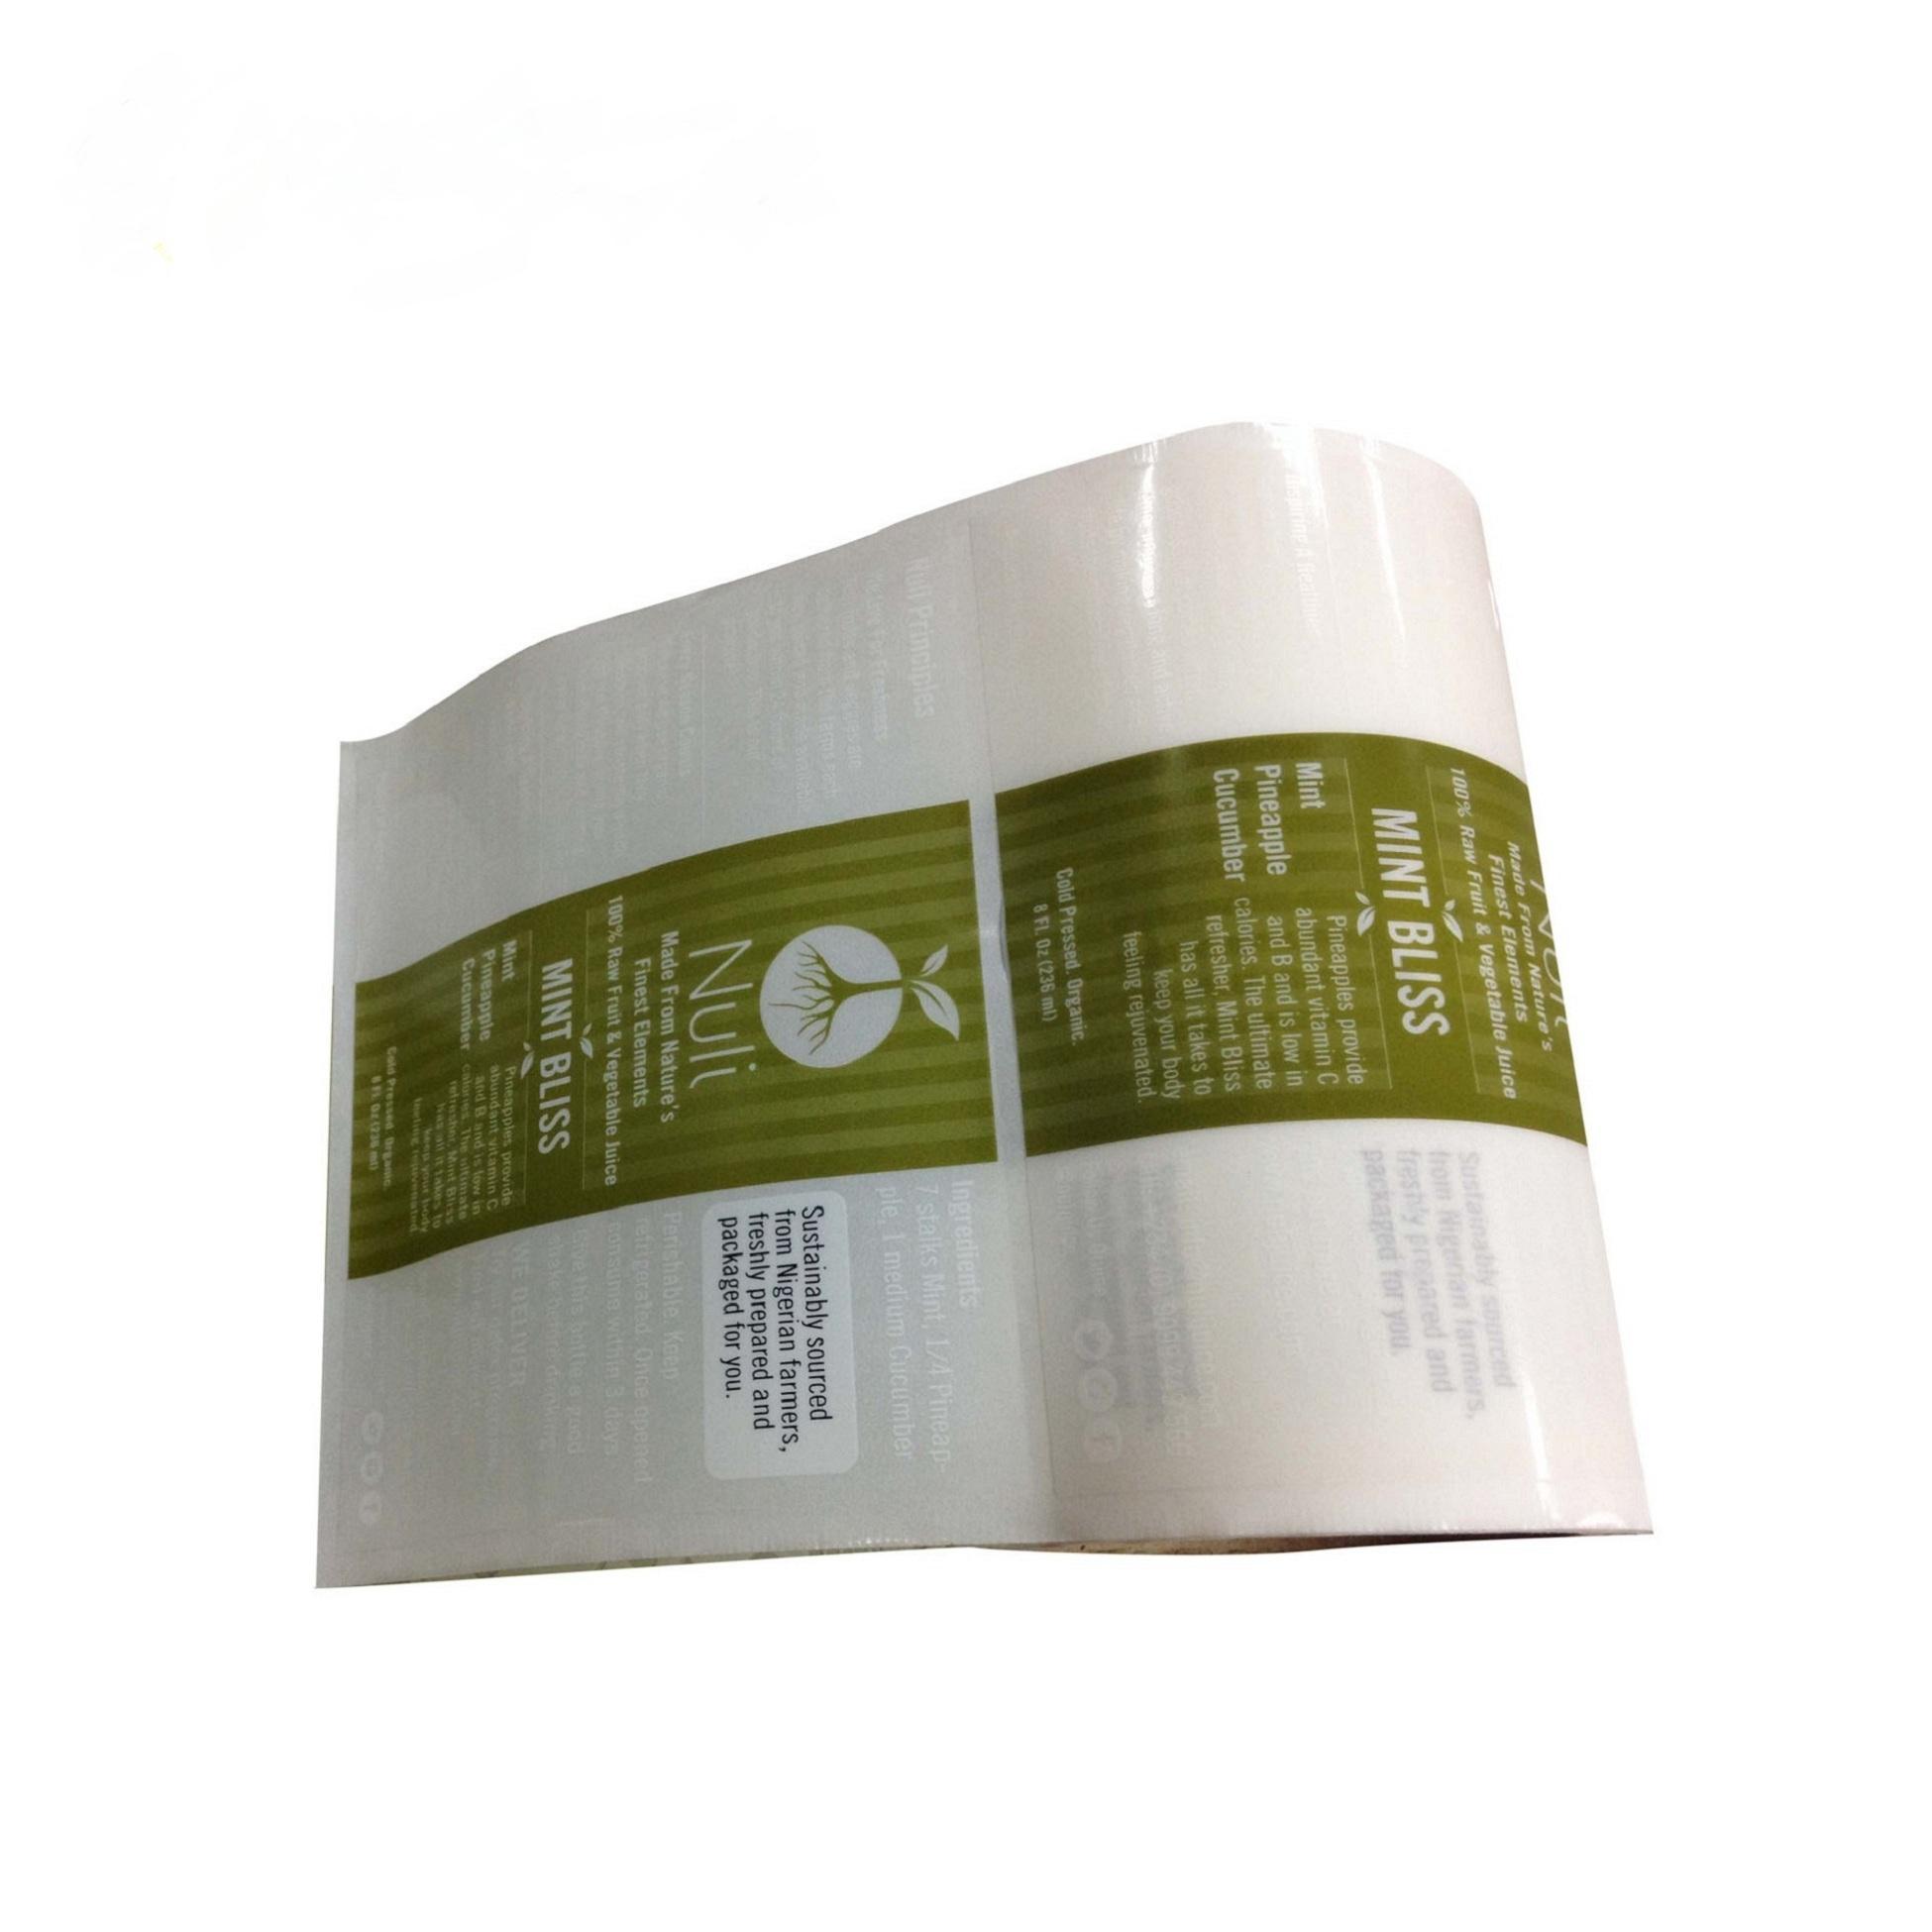 좋은 품질과 서비스 사용자 정의 롤 라벨 스티커, 사용자 정의로 인쇄하는 셀프 접착 종이 스티커